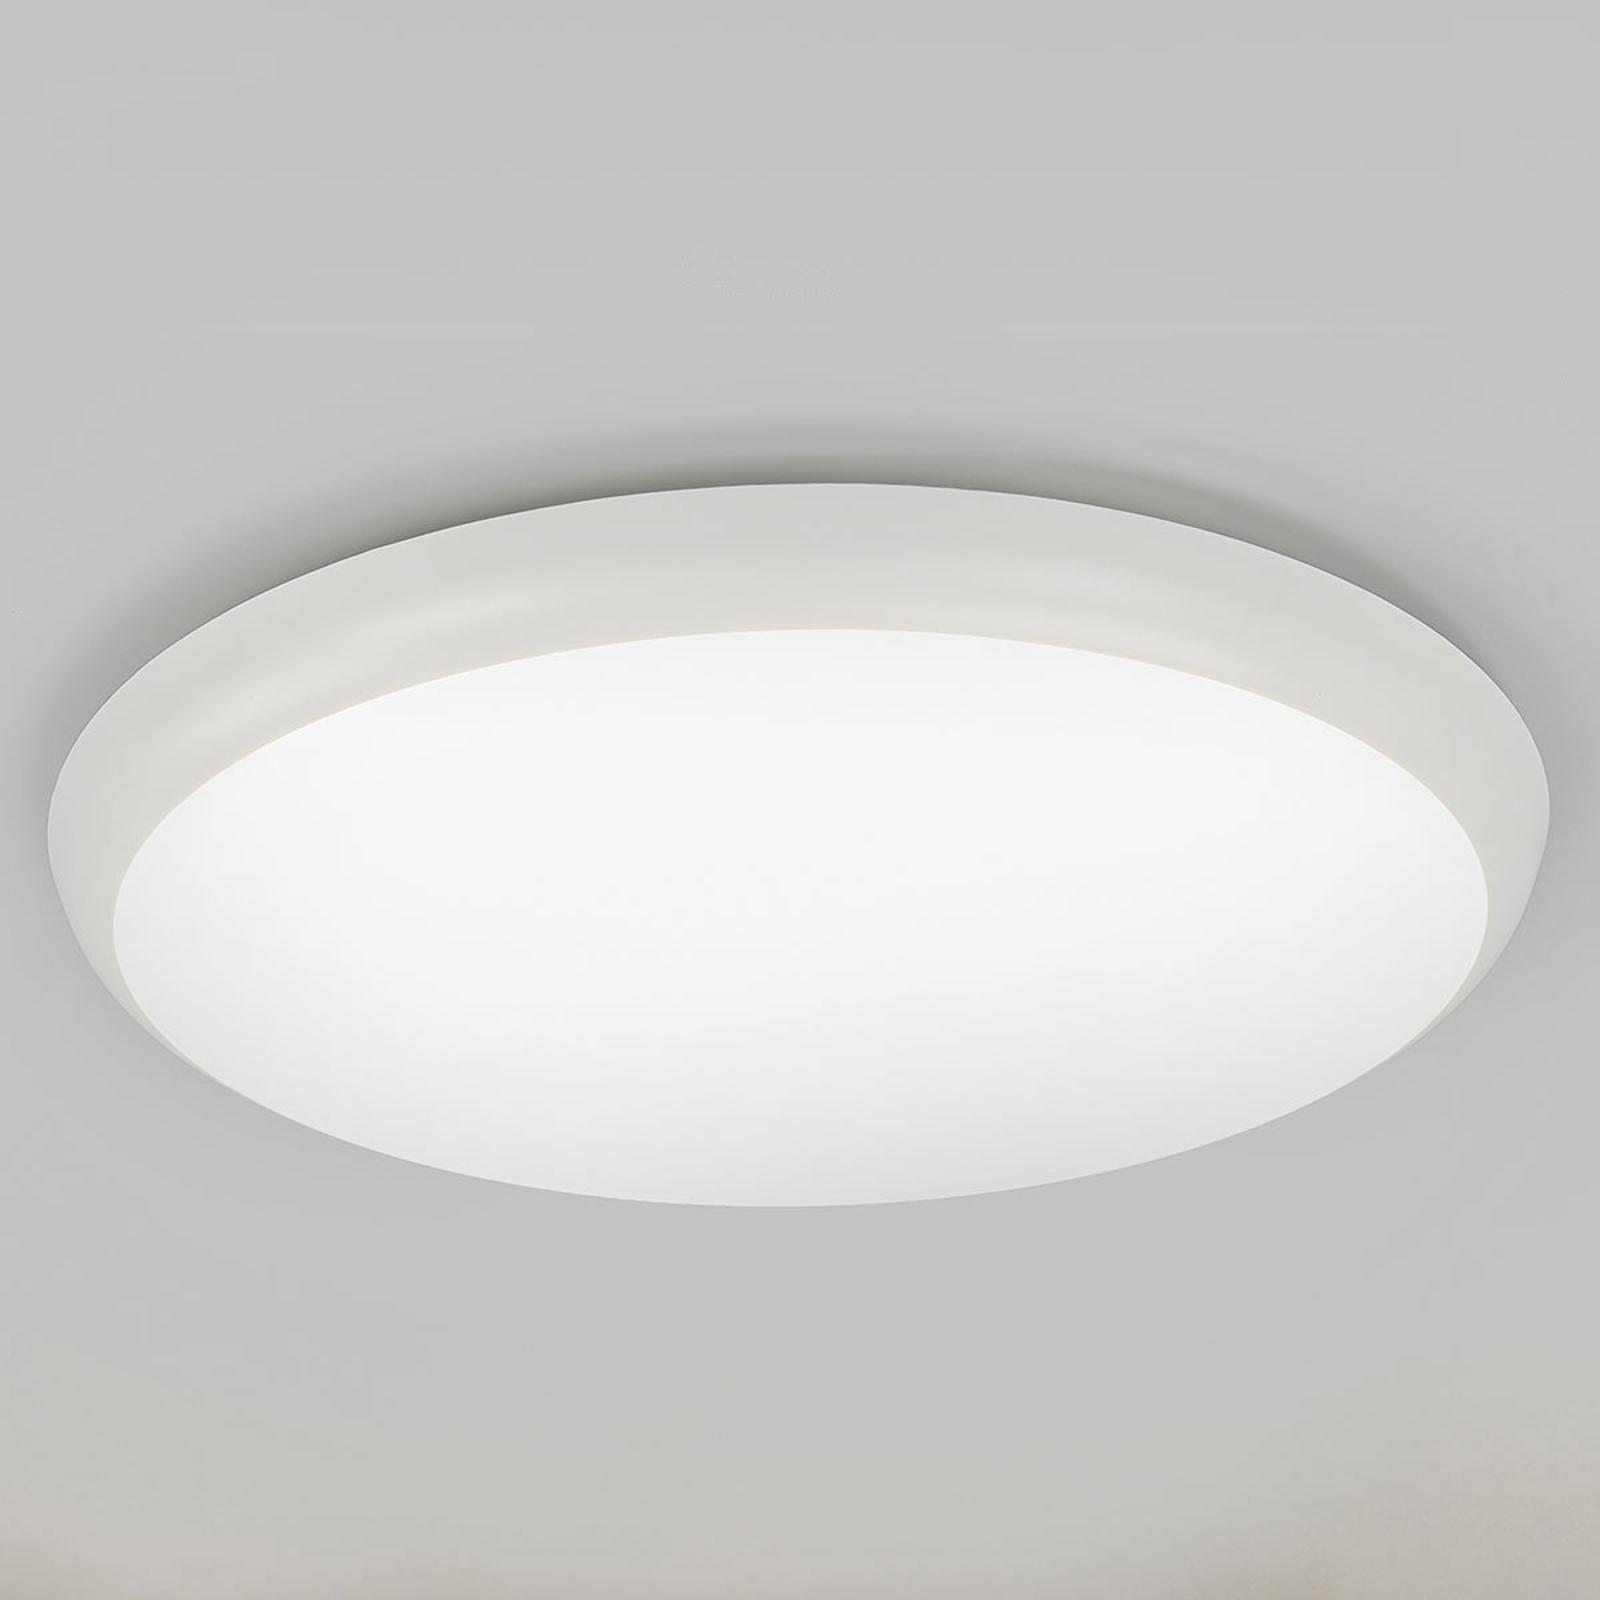 Acquista Augustin plafoniera LED di forma rotonda, 40 cm